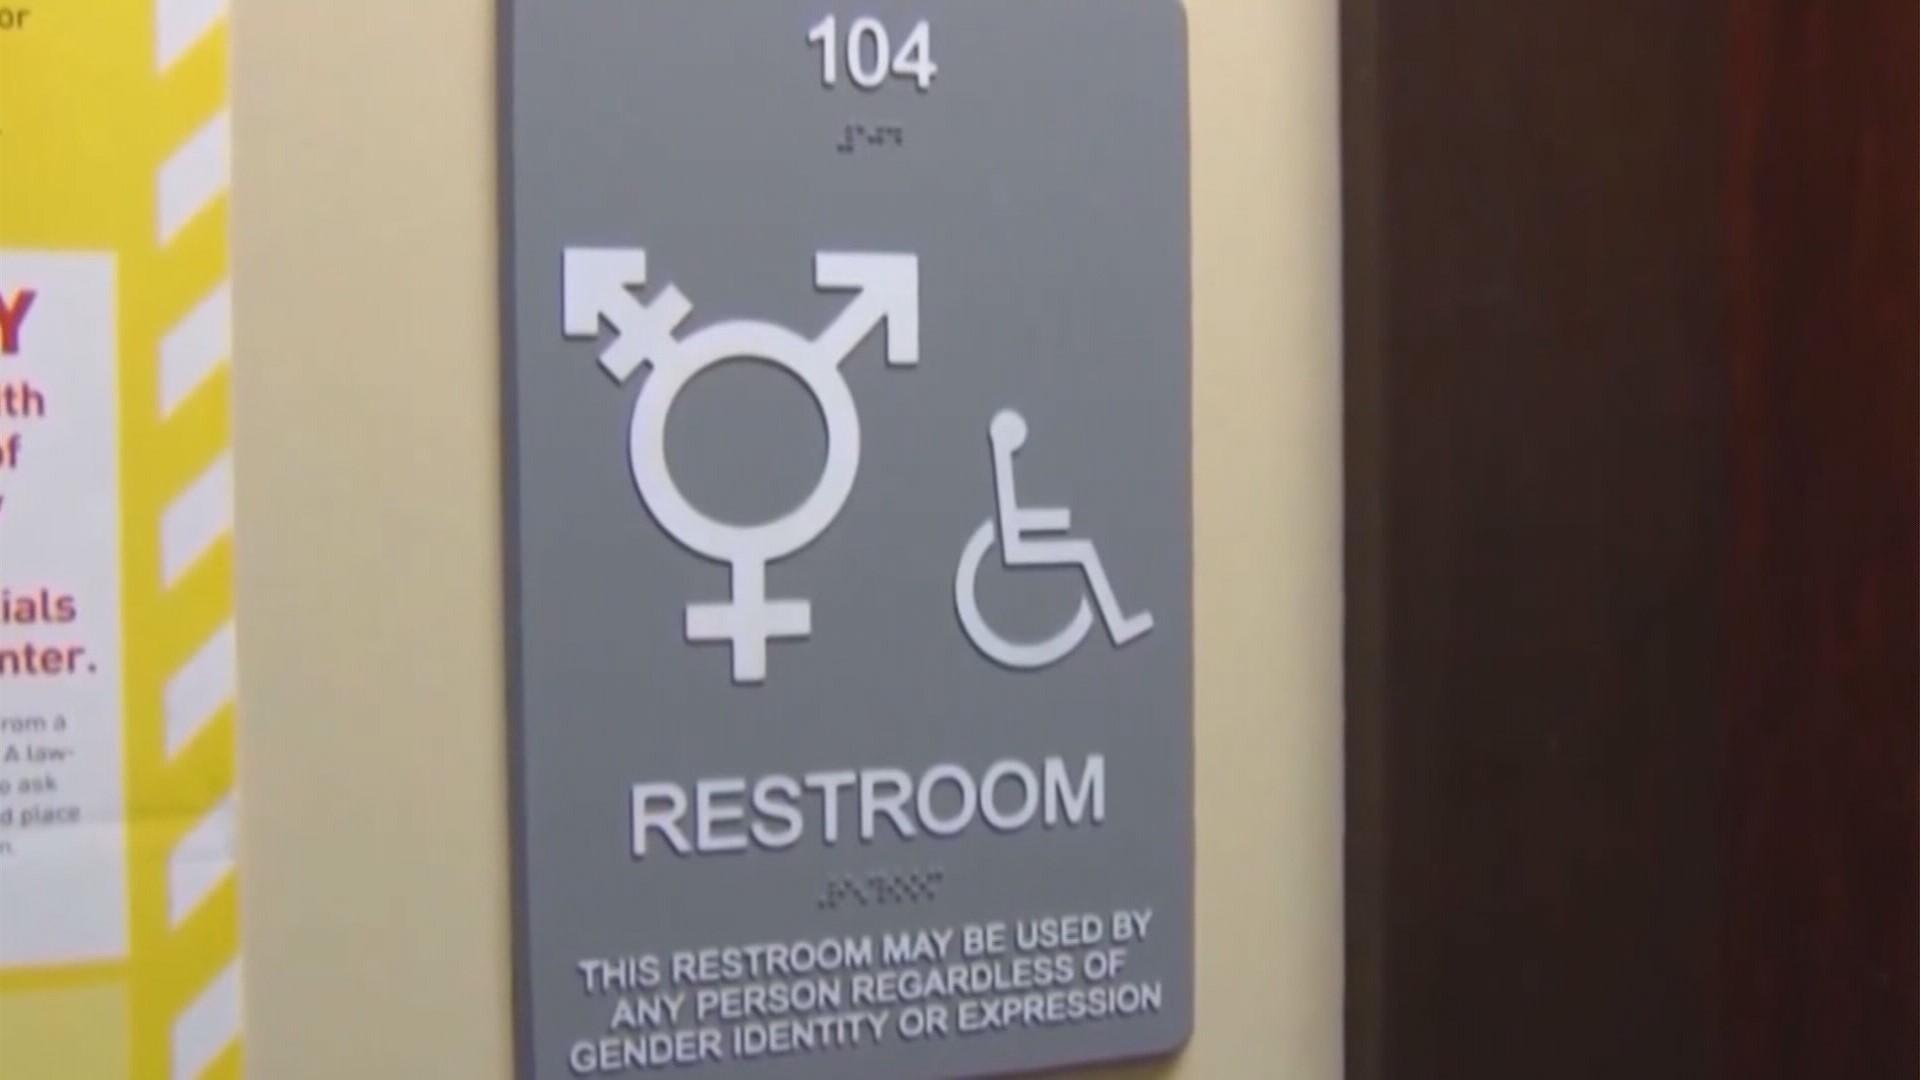 Tourism officials Bathroom Bill has cost Texas M